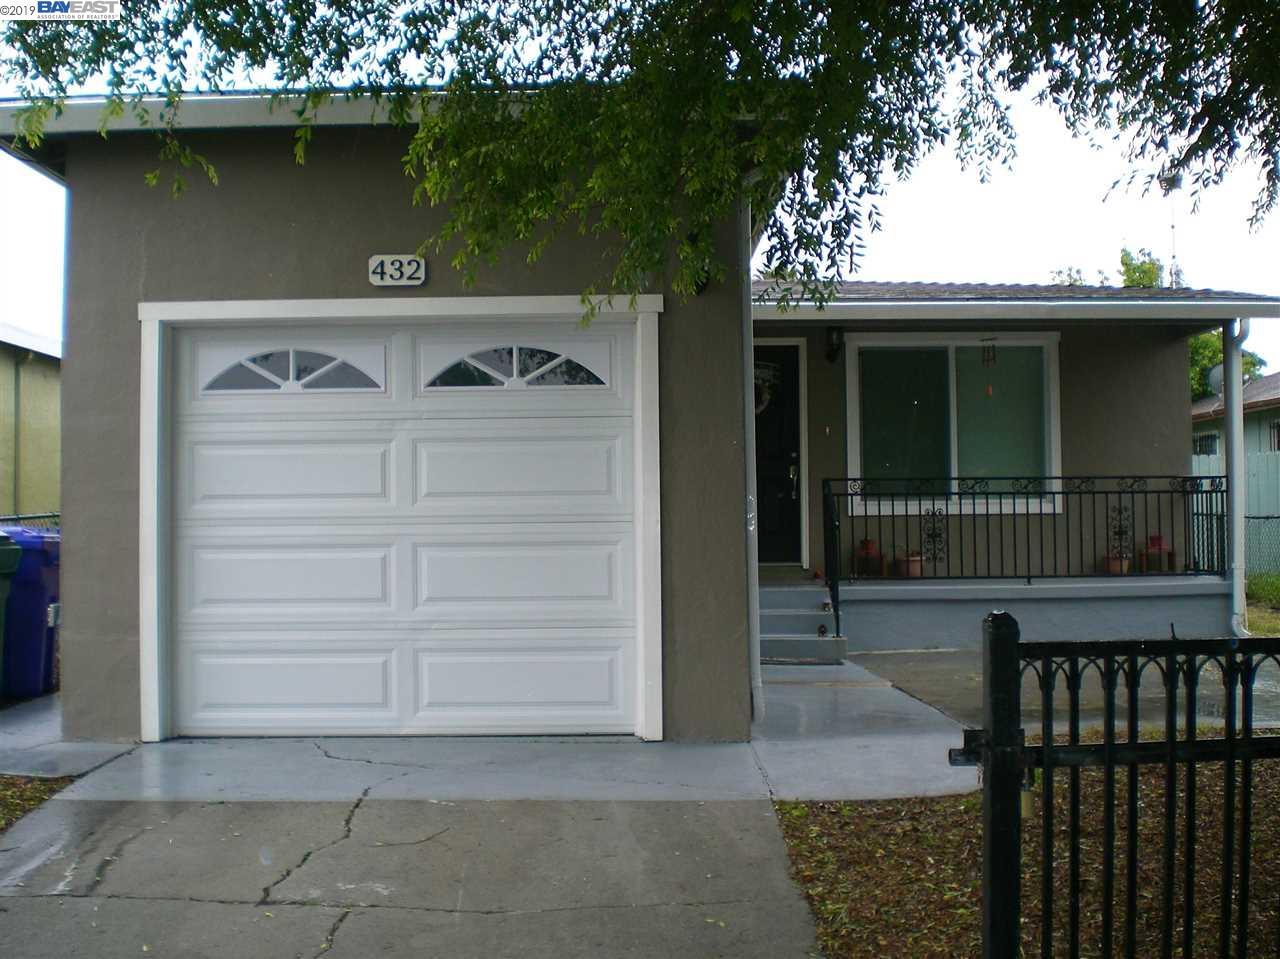 432 S 25 STREET, RICHMOND, CA 94804